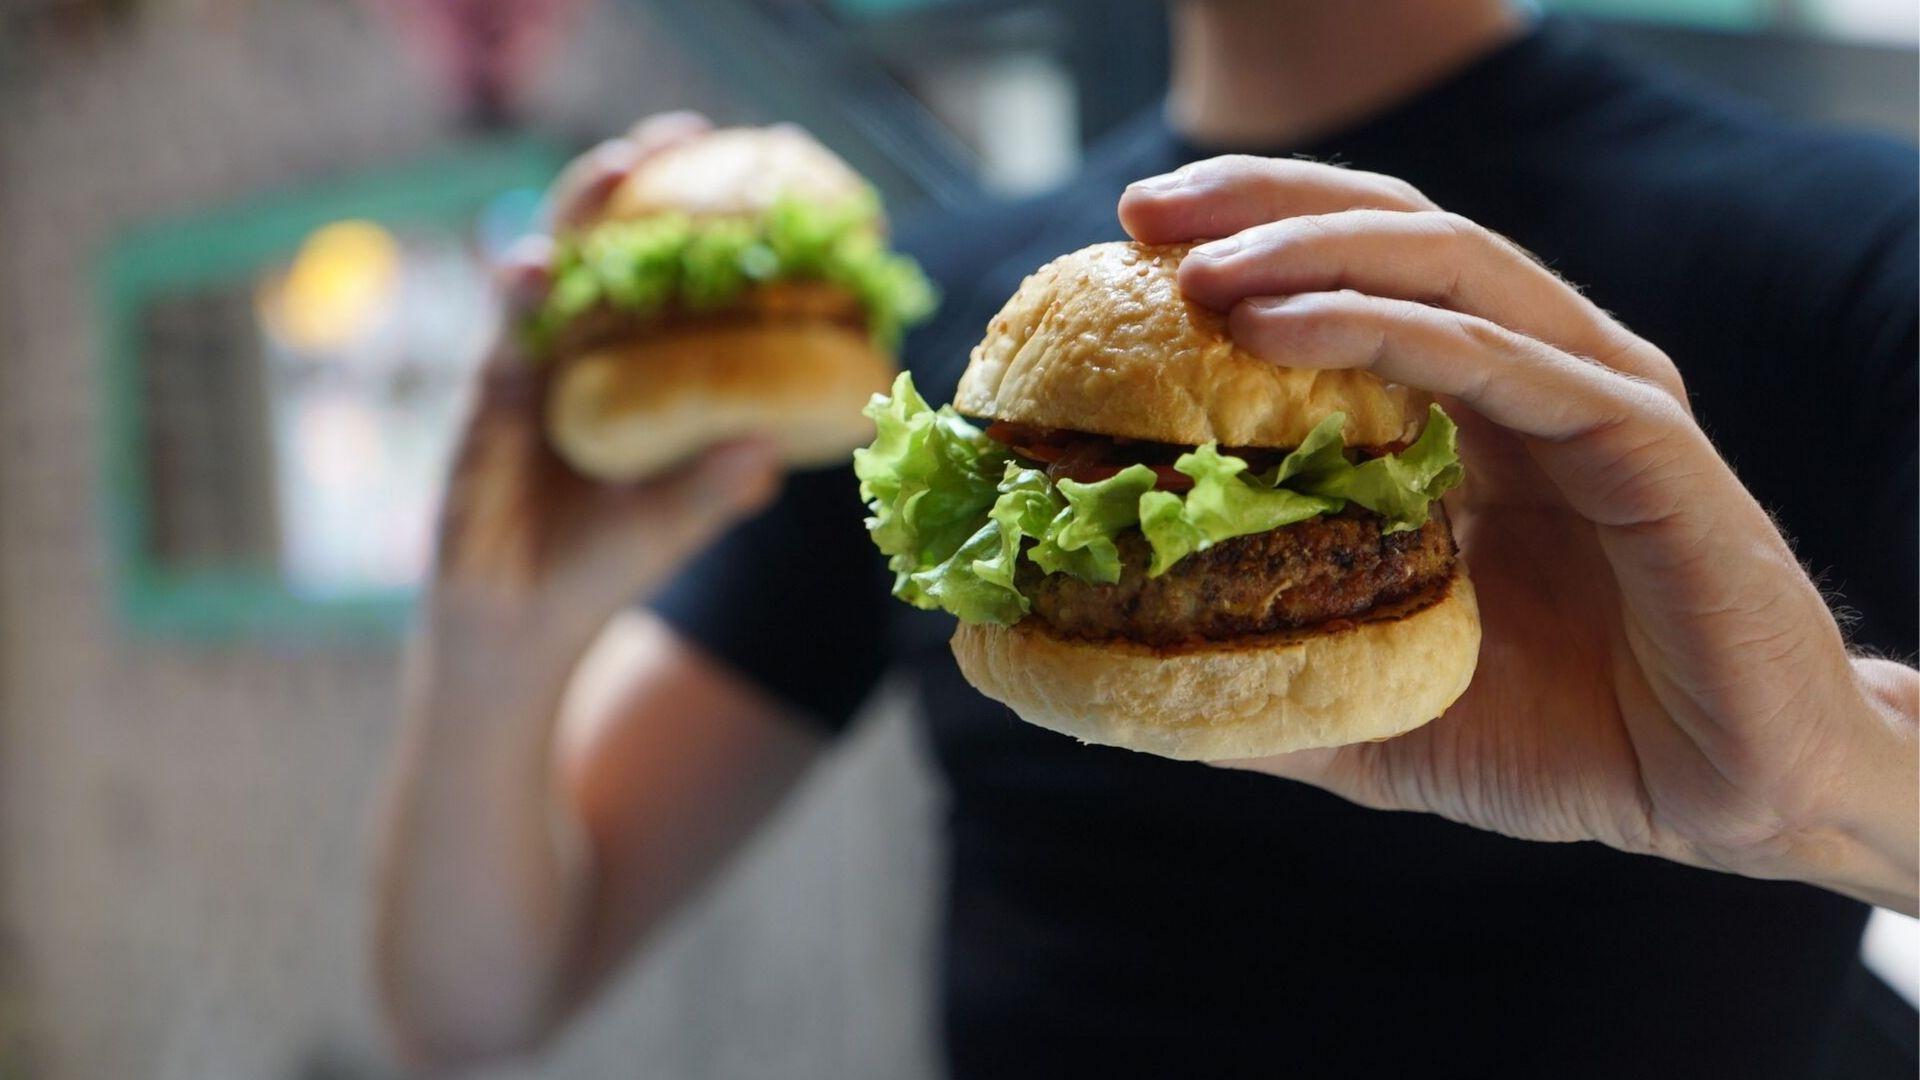 Dlaczego tak korci nas śmieciowe jedzenie